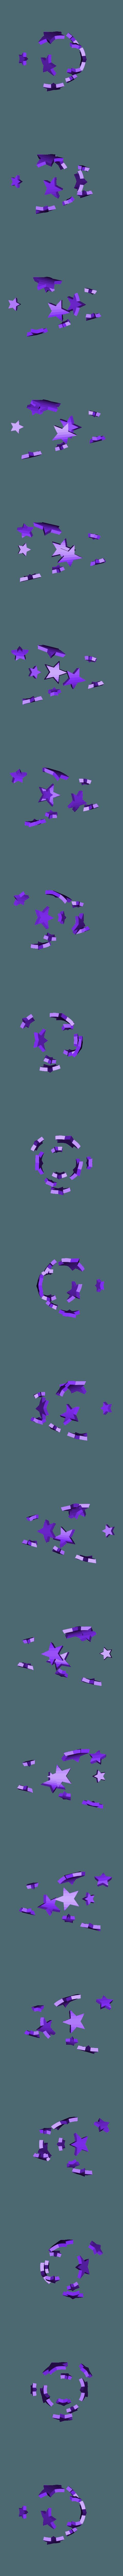 star_cone_B.stl Télécharger fichier STL gratuit Collection de cônes de circulation de la mode • Design imprimable en 3D, Render